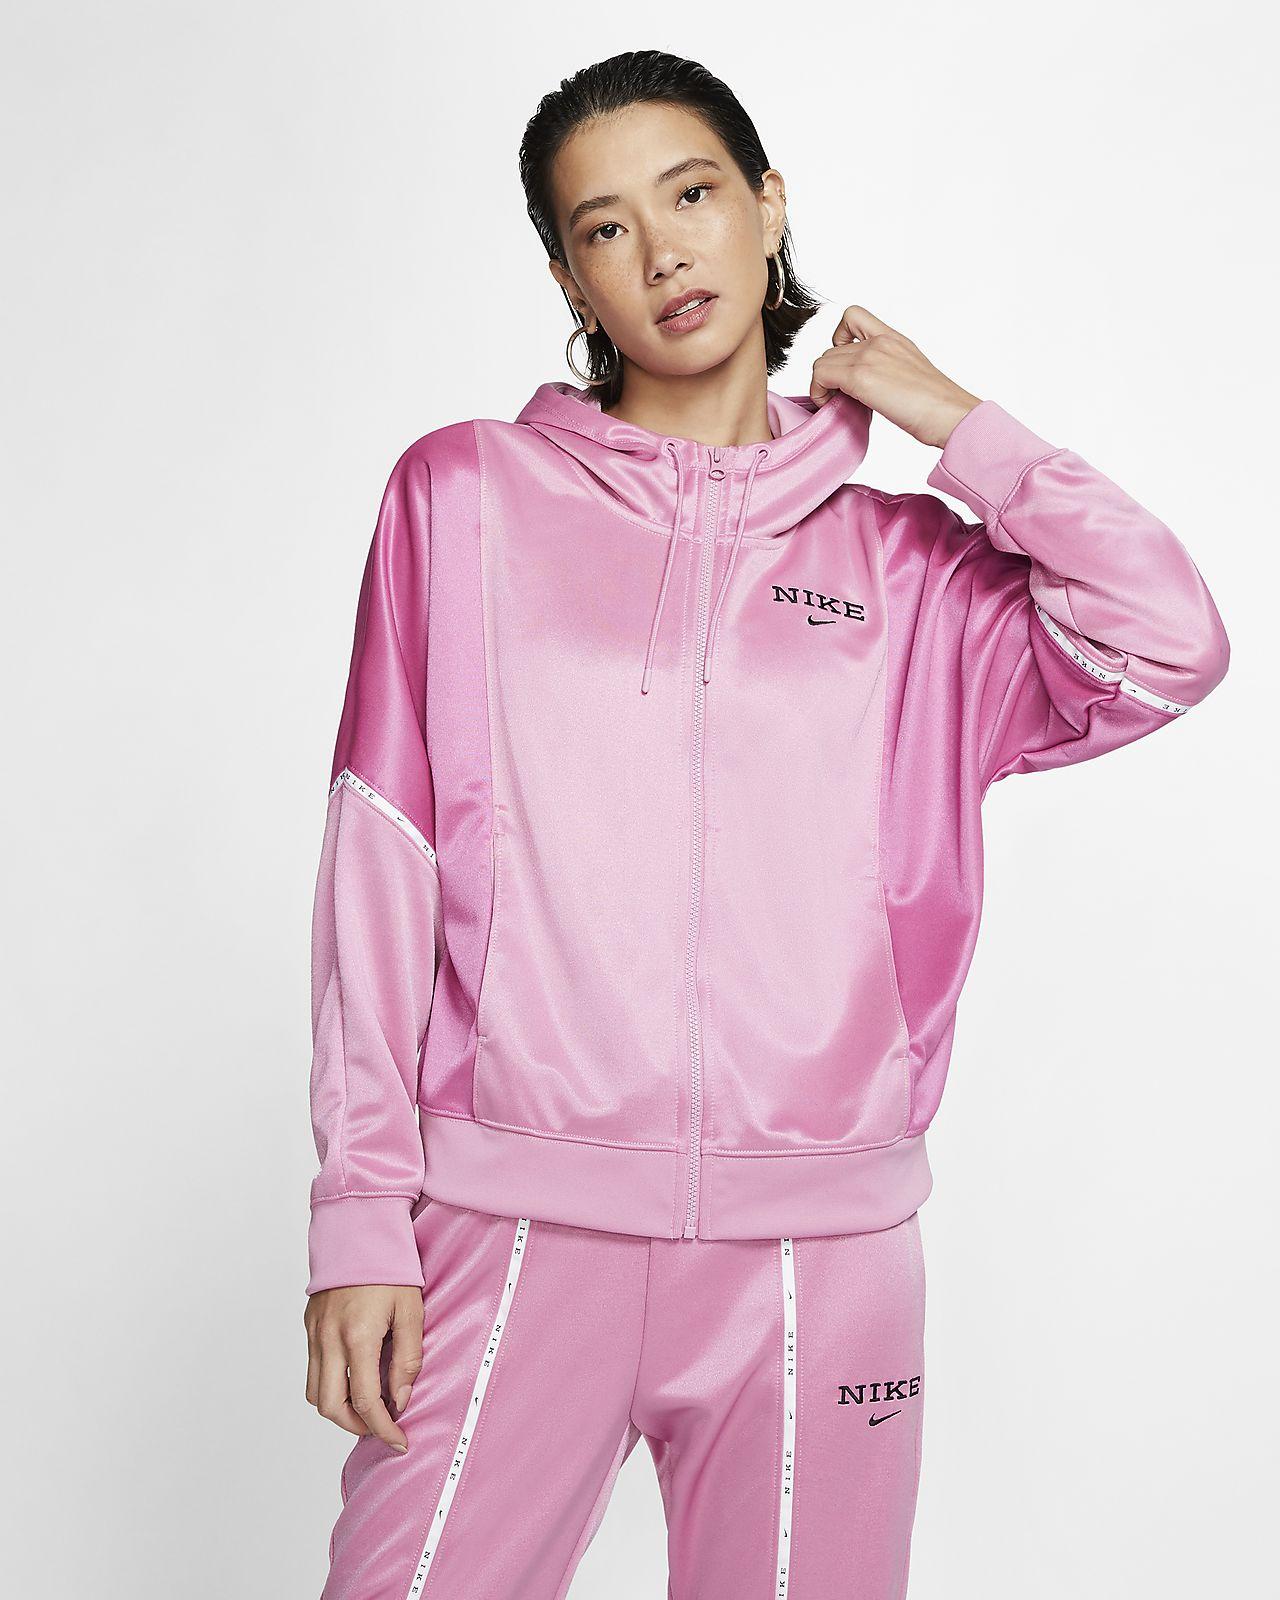 Nike Sportswear Damenjacke mit Kapuze und durchgehendem Reißverschluss